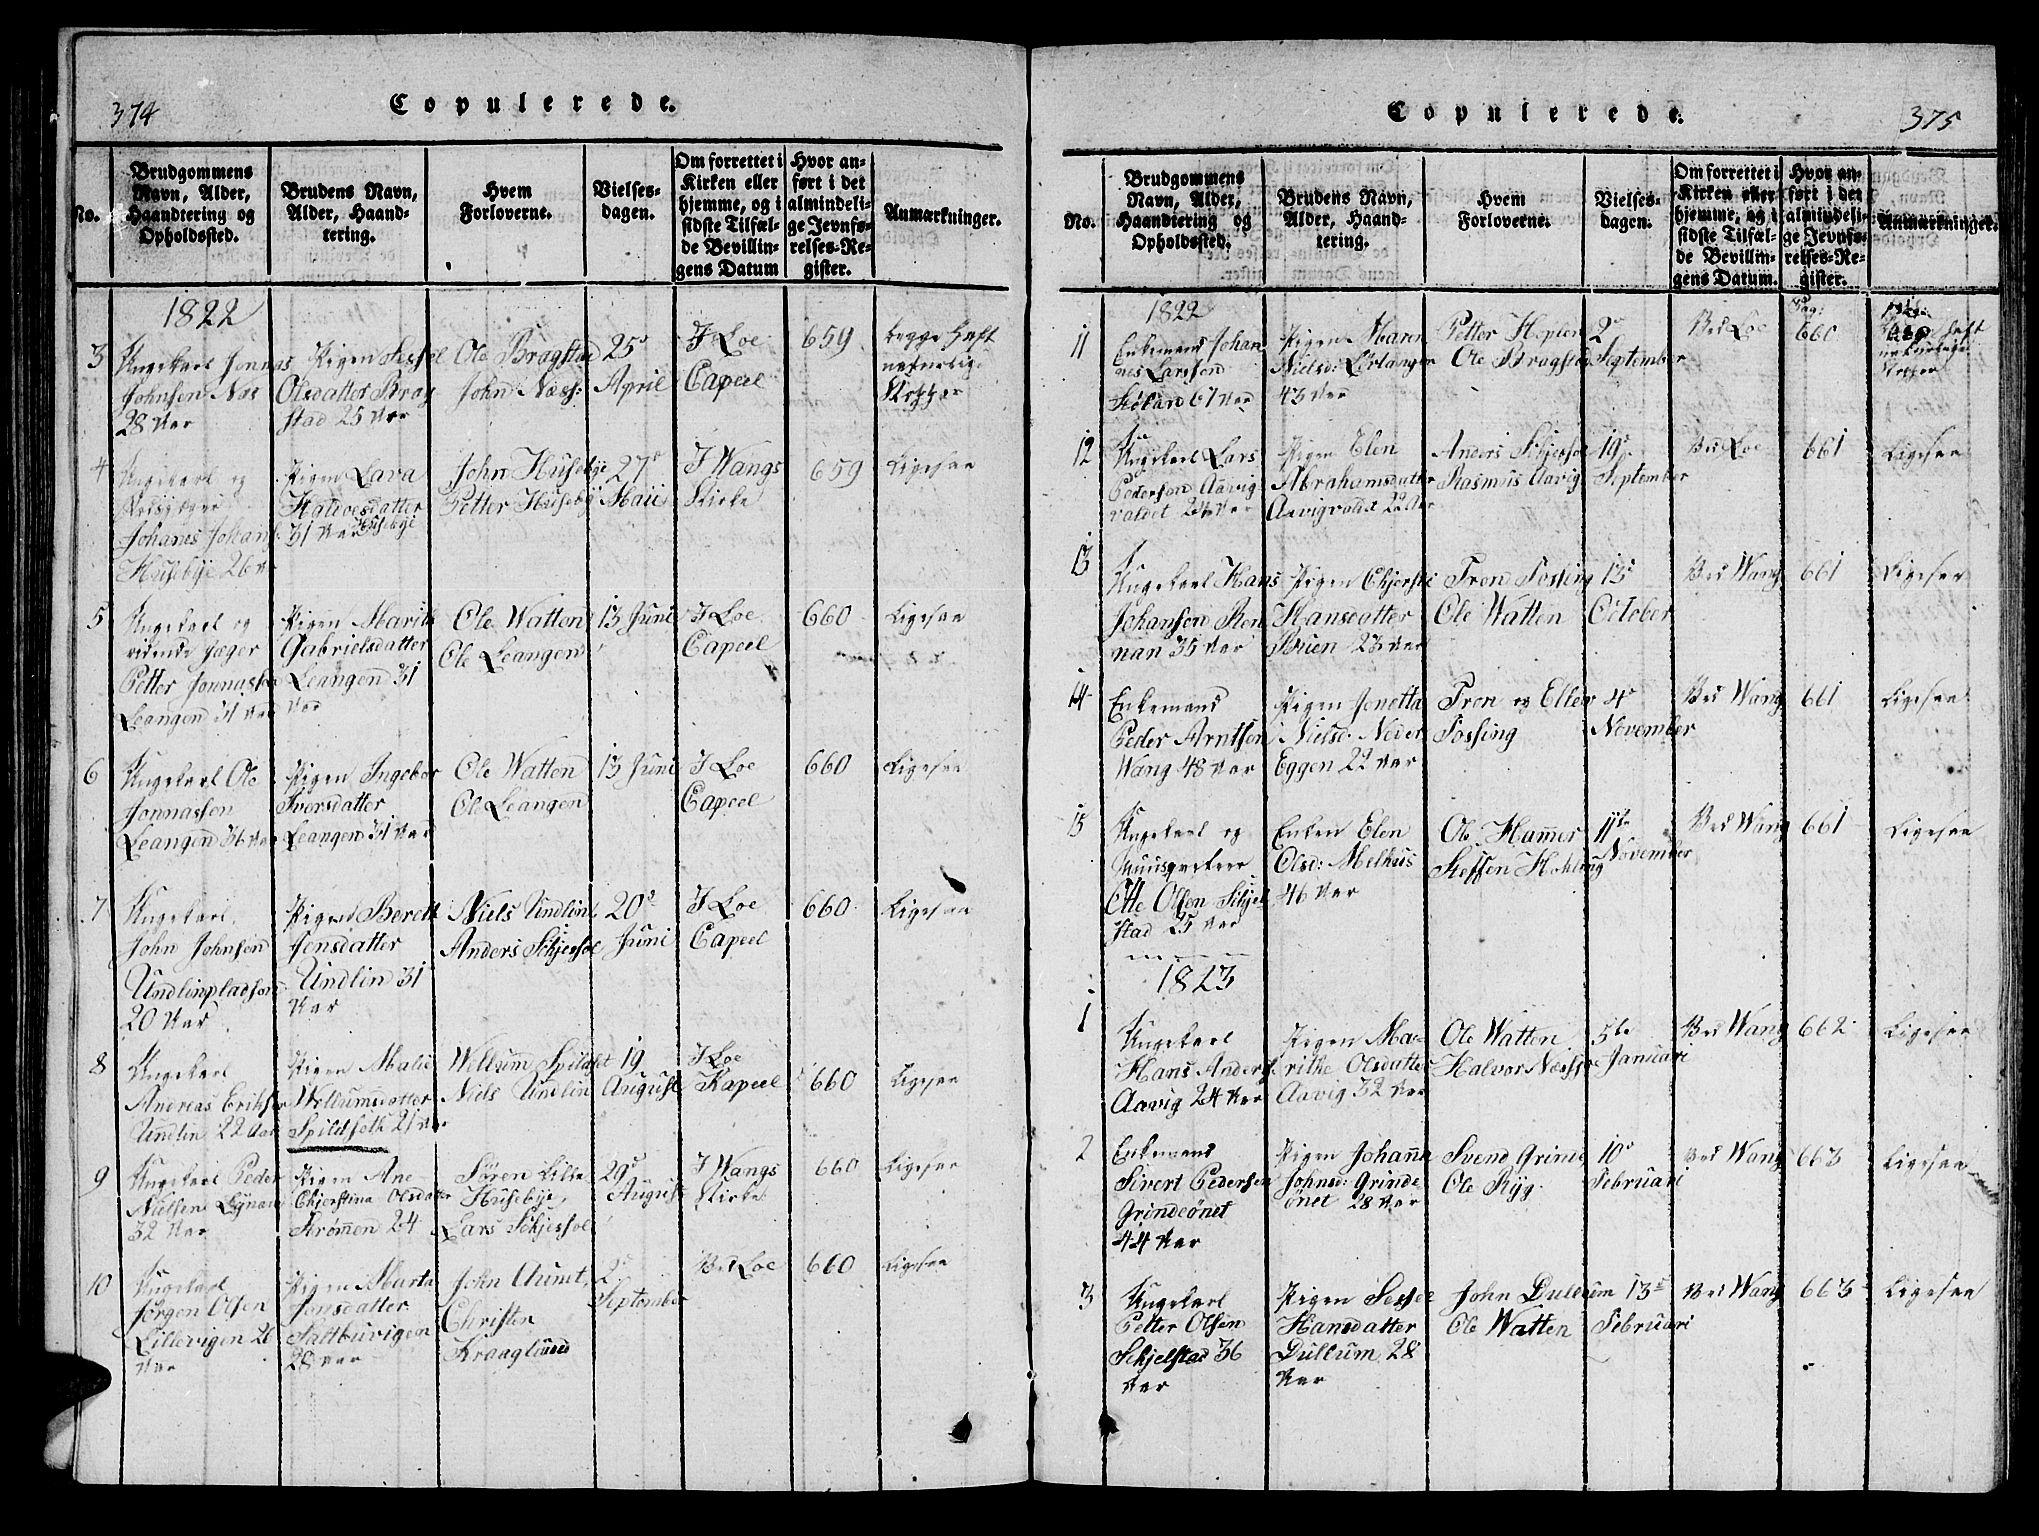 SAT, Ministerialprotokoller, klokkerbøker og fødselsregistre - Nord-Trøndelag, 714/L0132: Klokkerbok nr. 714C01, 1817-1824, s. 374-375